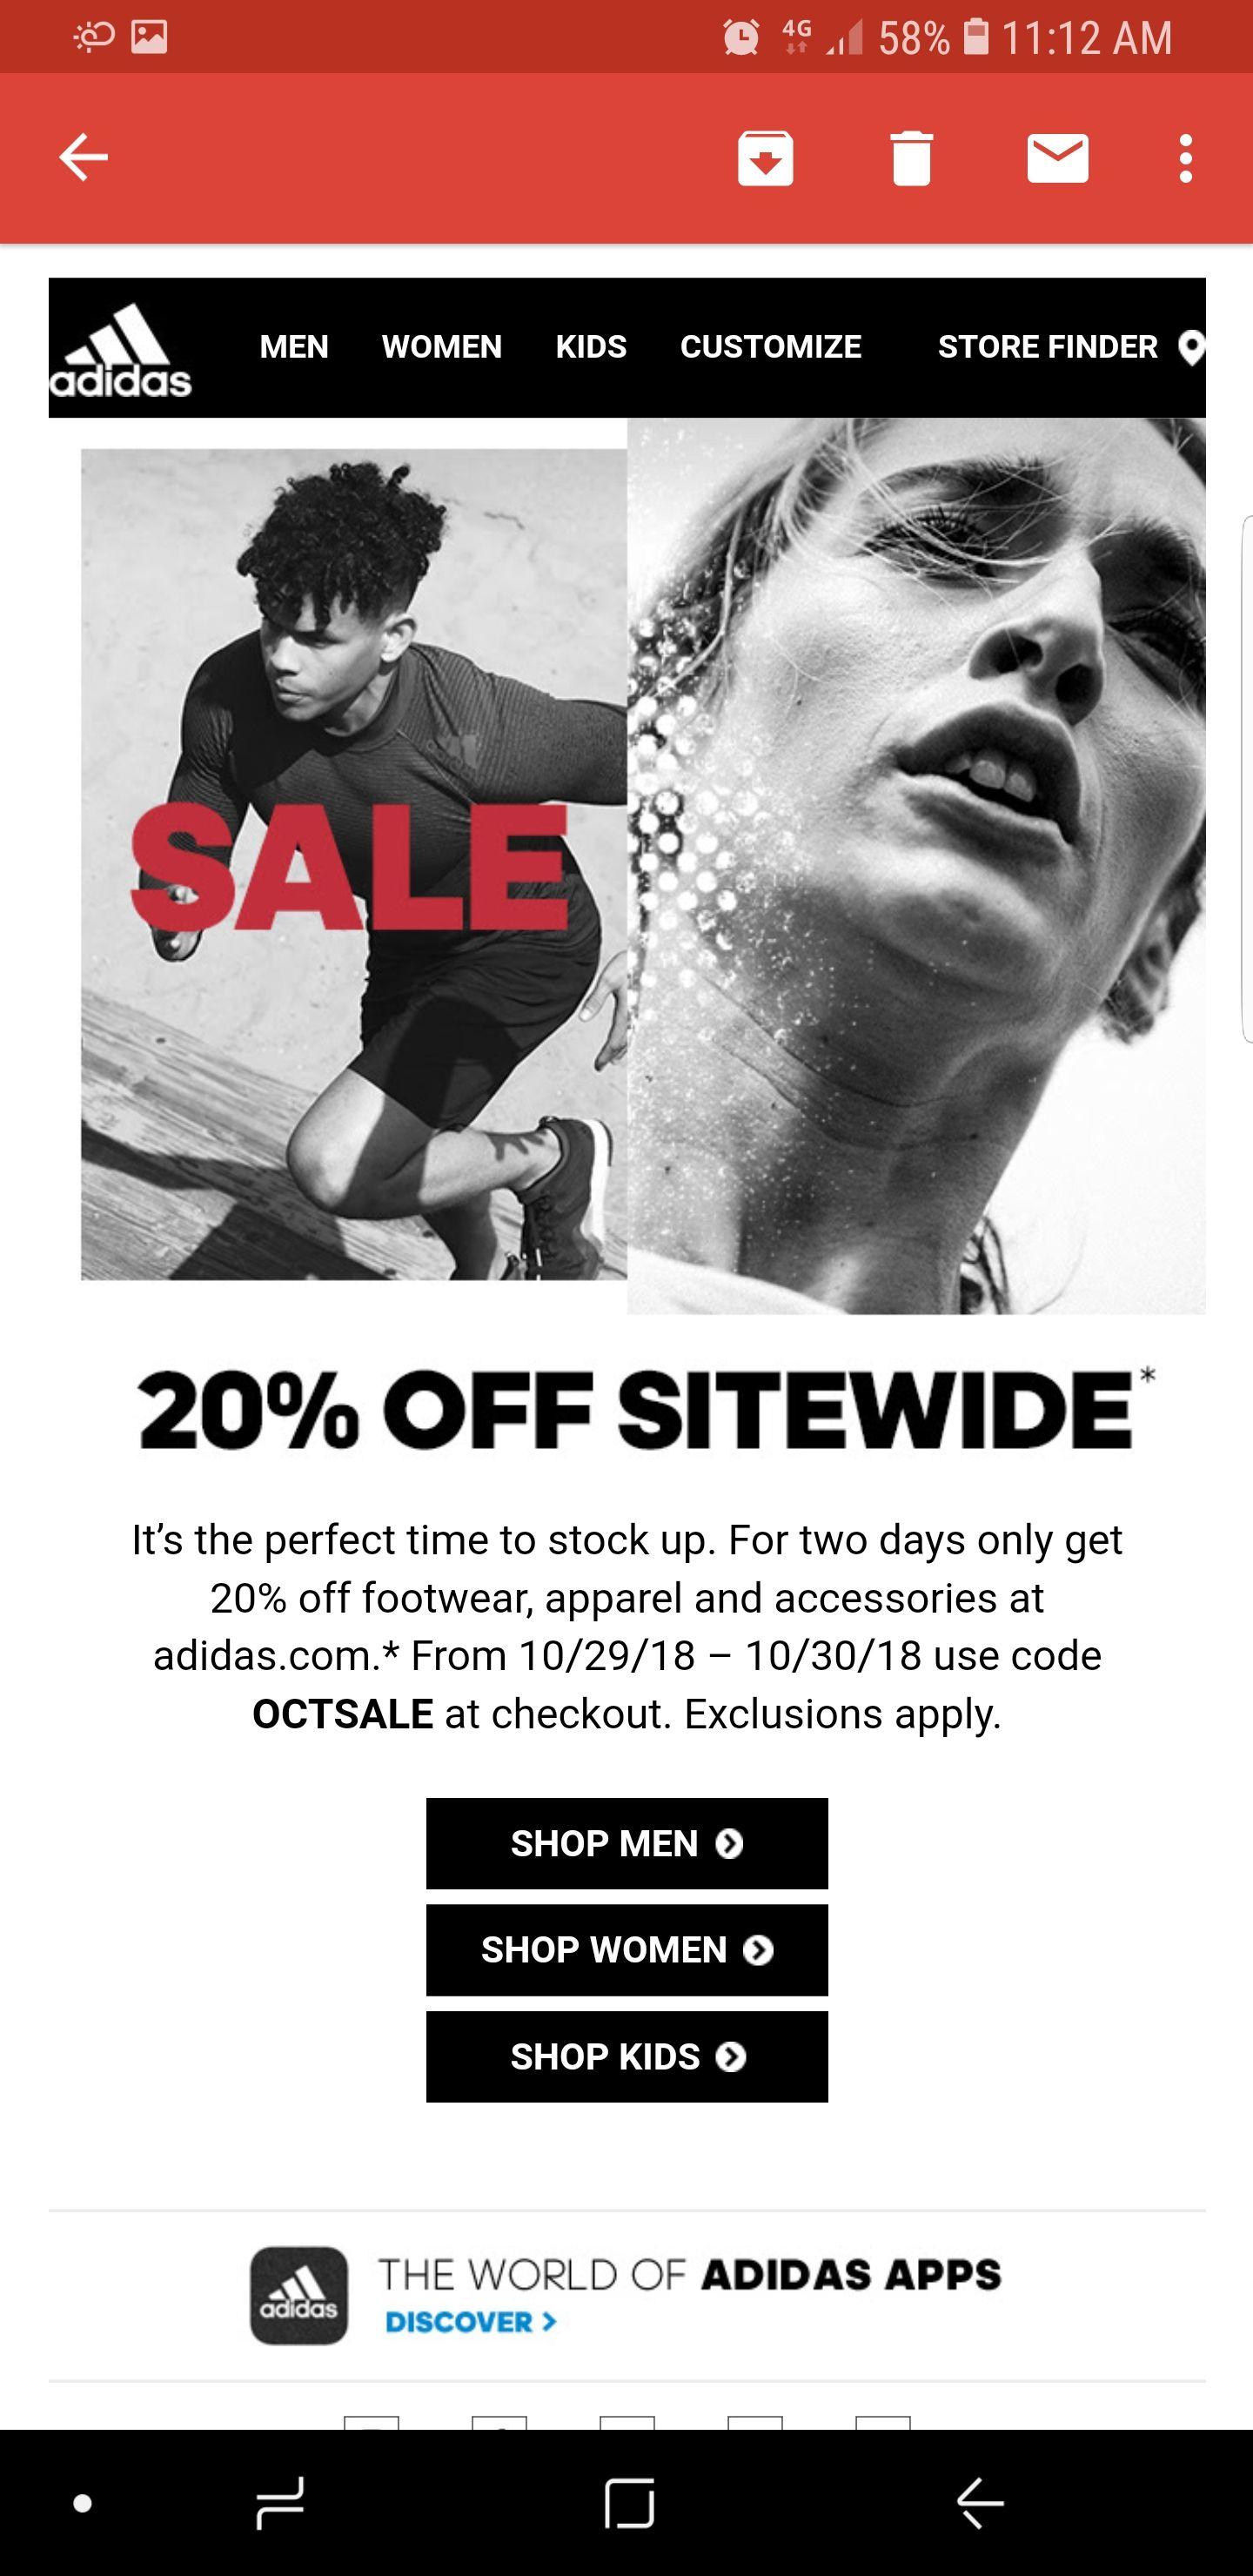 Adidas.com 20% Off sitewide